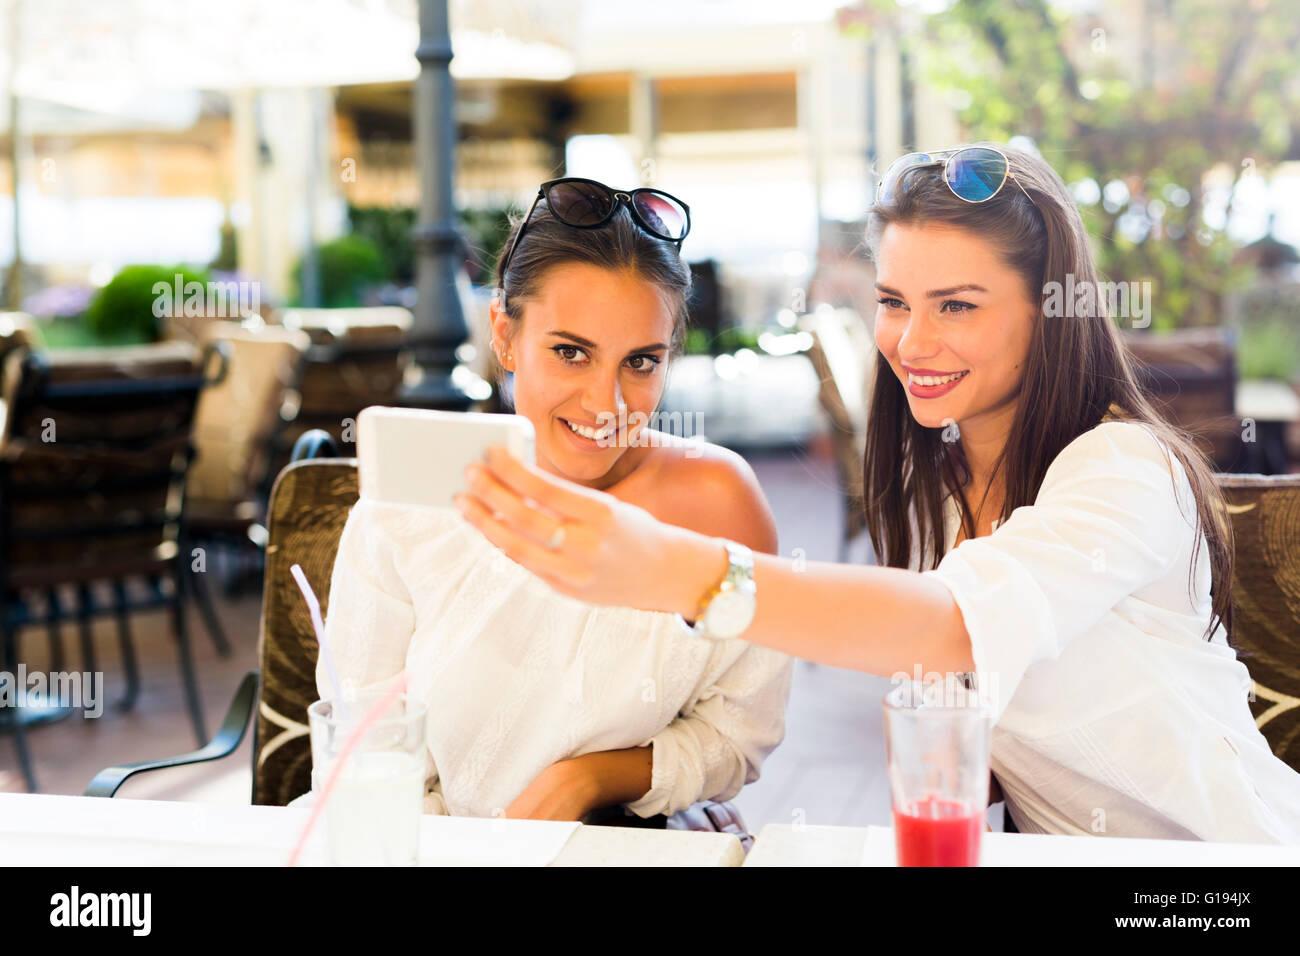 Deux belles jeunes femmes prenant une des selfies eux-mêmes pendant la pause déjeuner Photo Stock